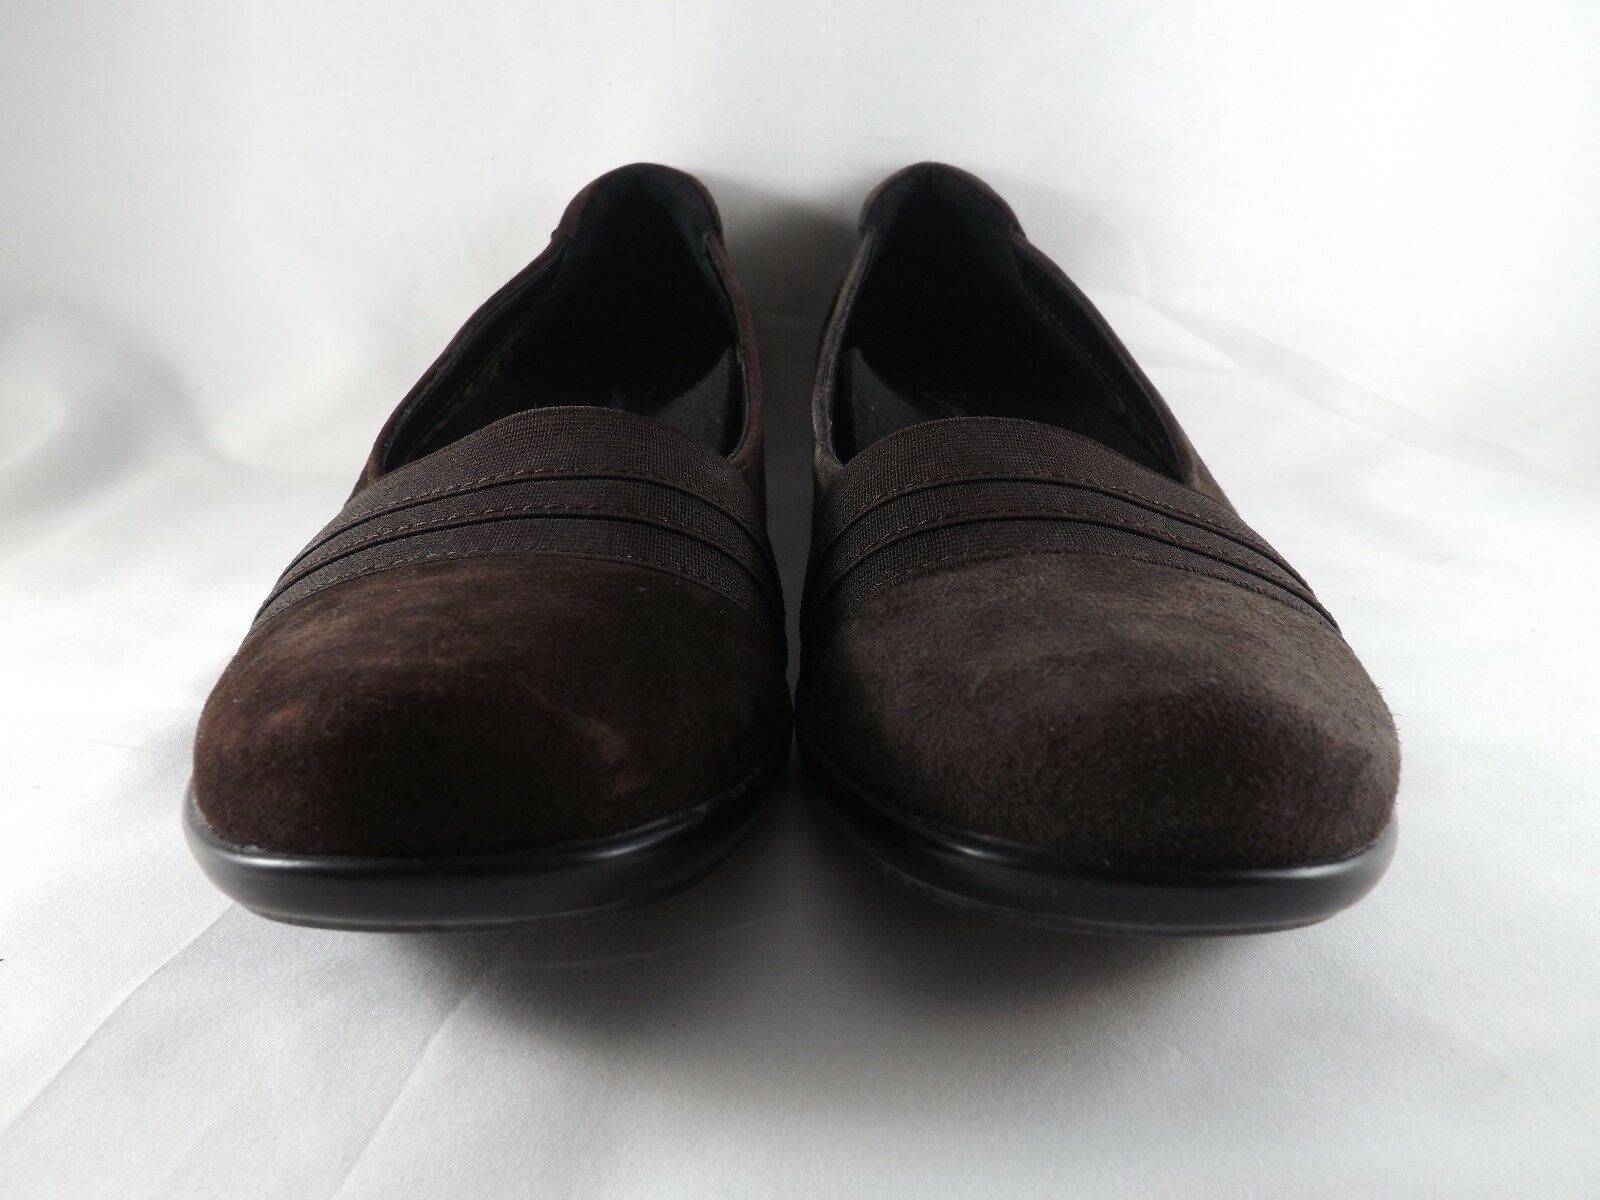 Essence by Aetrex Valerie Slip-On Braun Suede Loafer - New - Größe 7.5 B